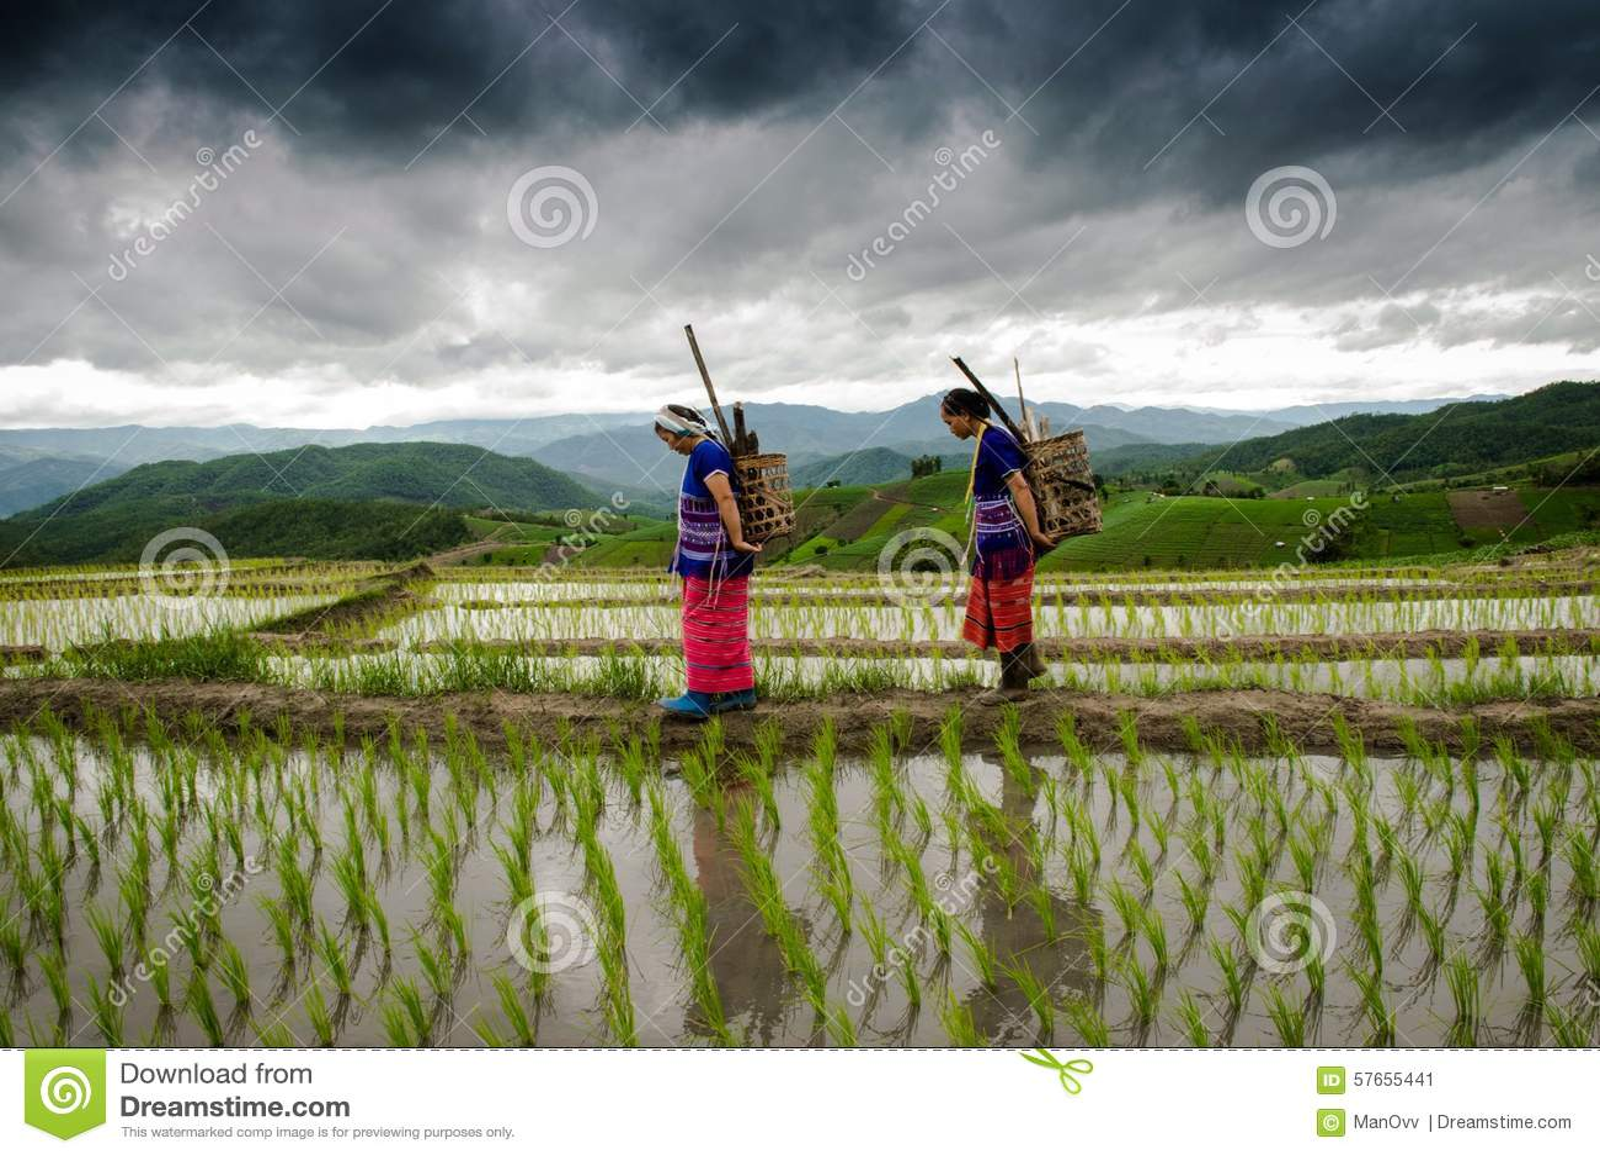 Rolnik przy ryżowymi tarasów papongpians maechaen chiangmai Thailand